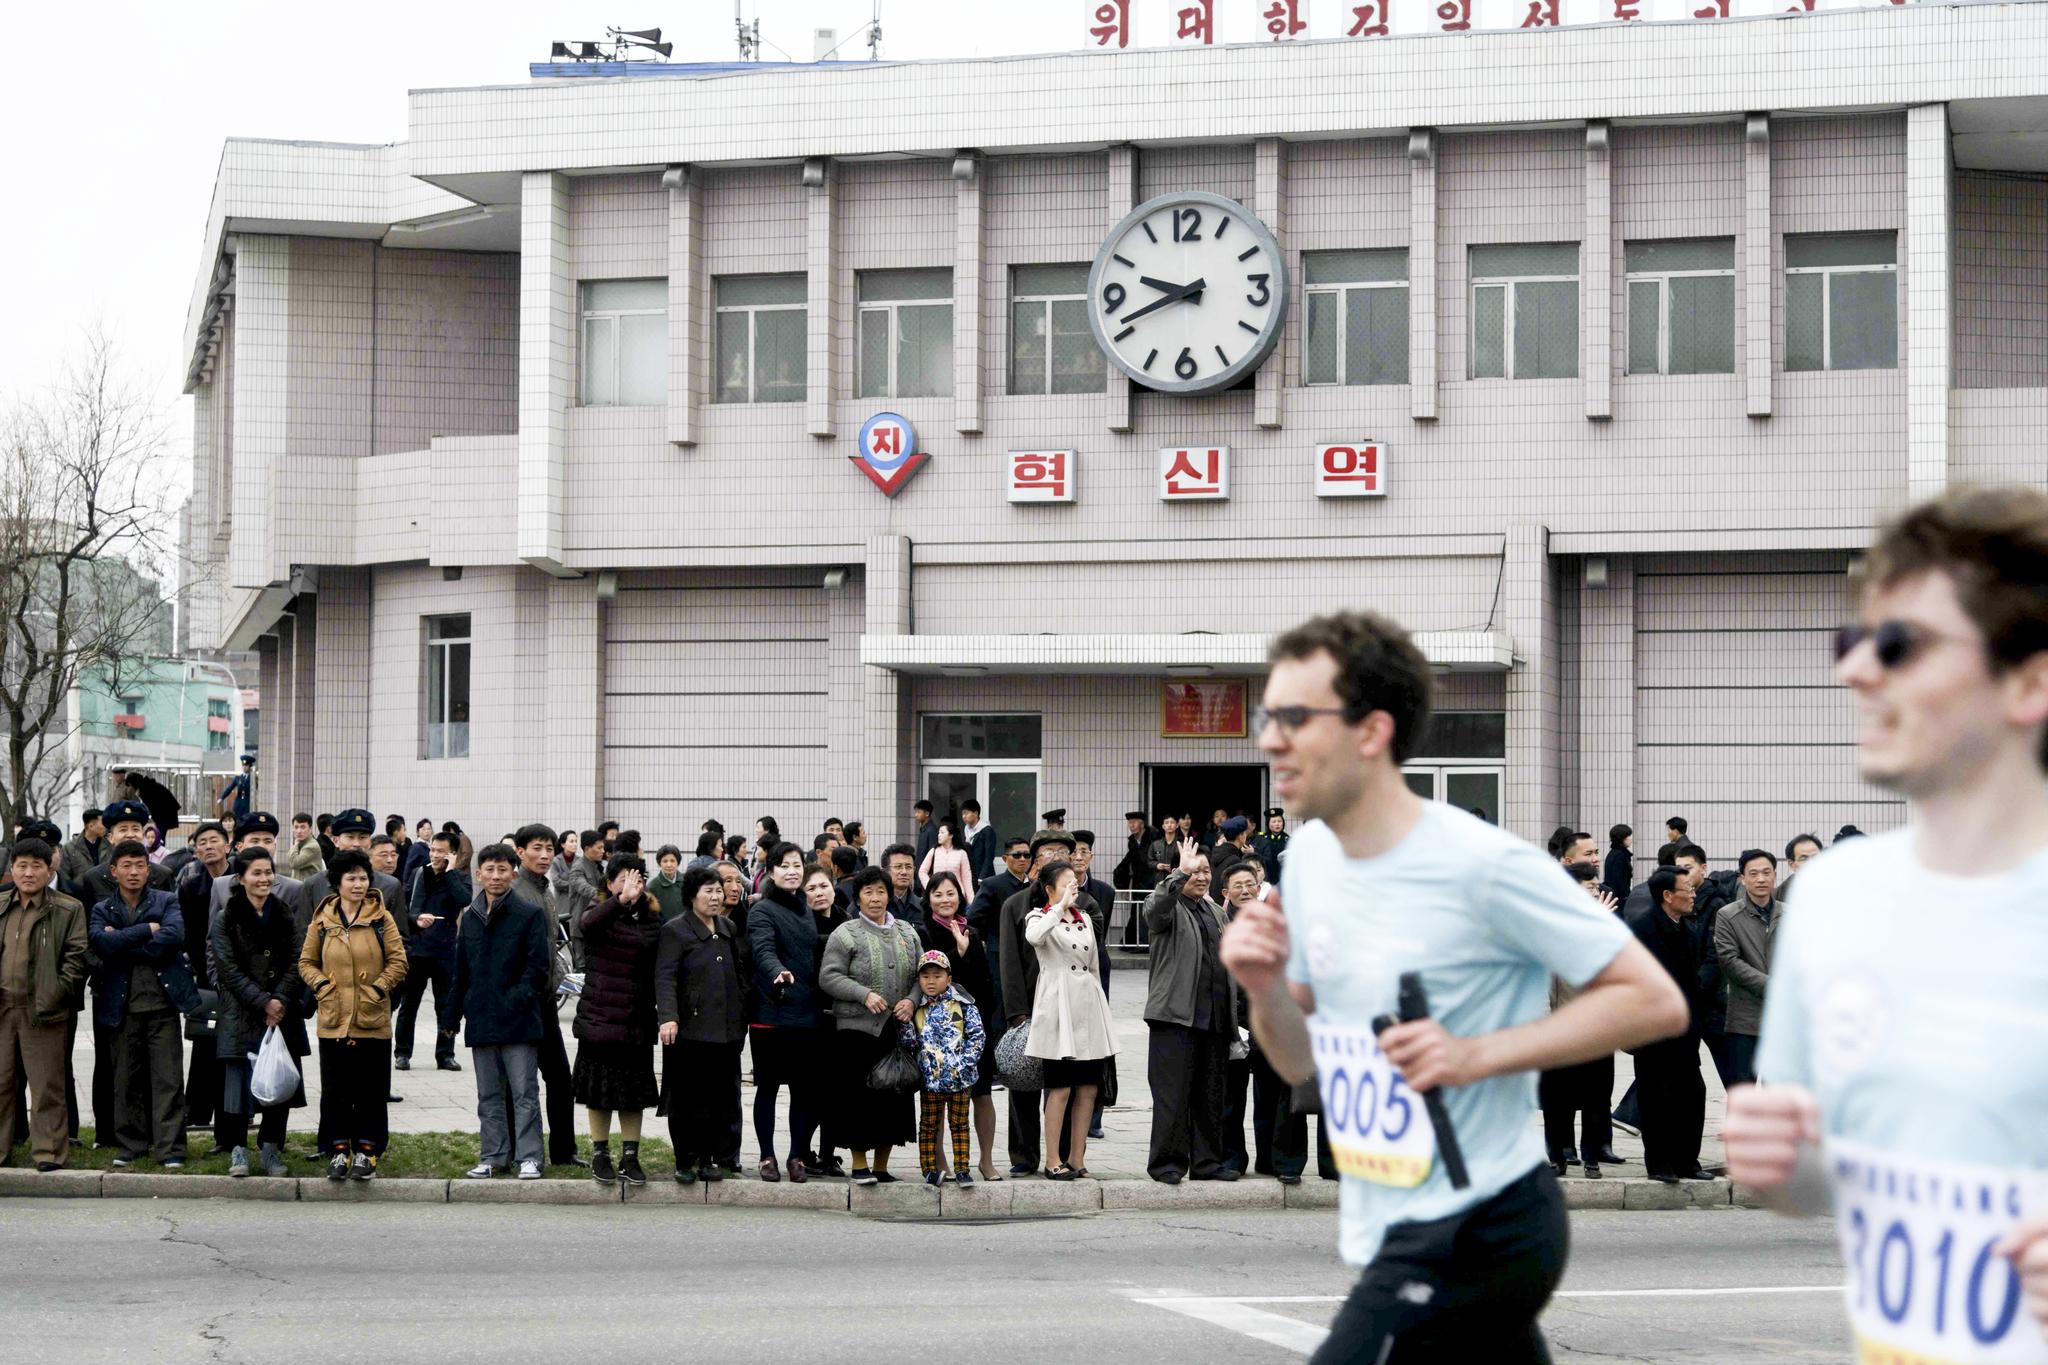 지난해 열린 만경대상 국제 마라톤 경기대회에서 평양 시민들이 외국인 선수들을 지켜보고 있다. [AFP=연합뉴스]